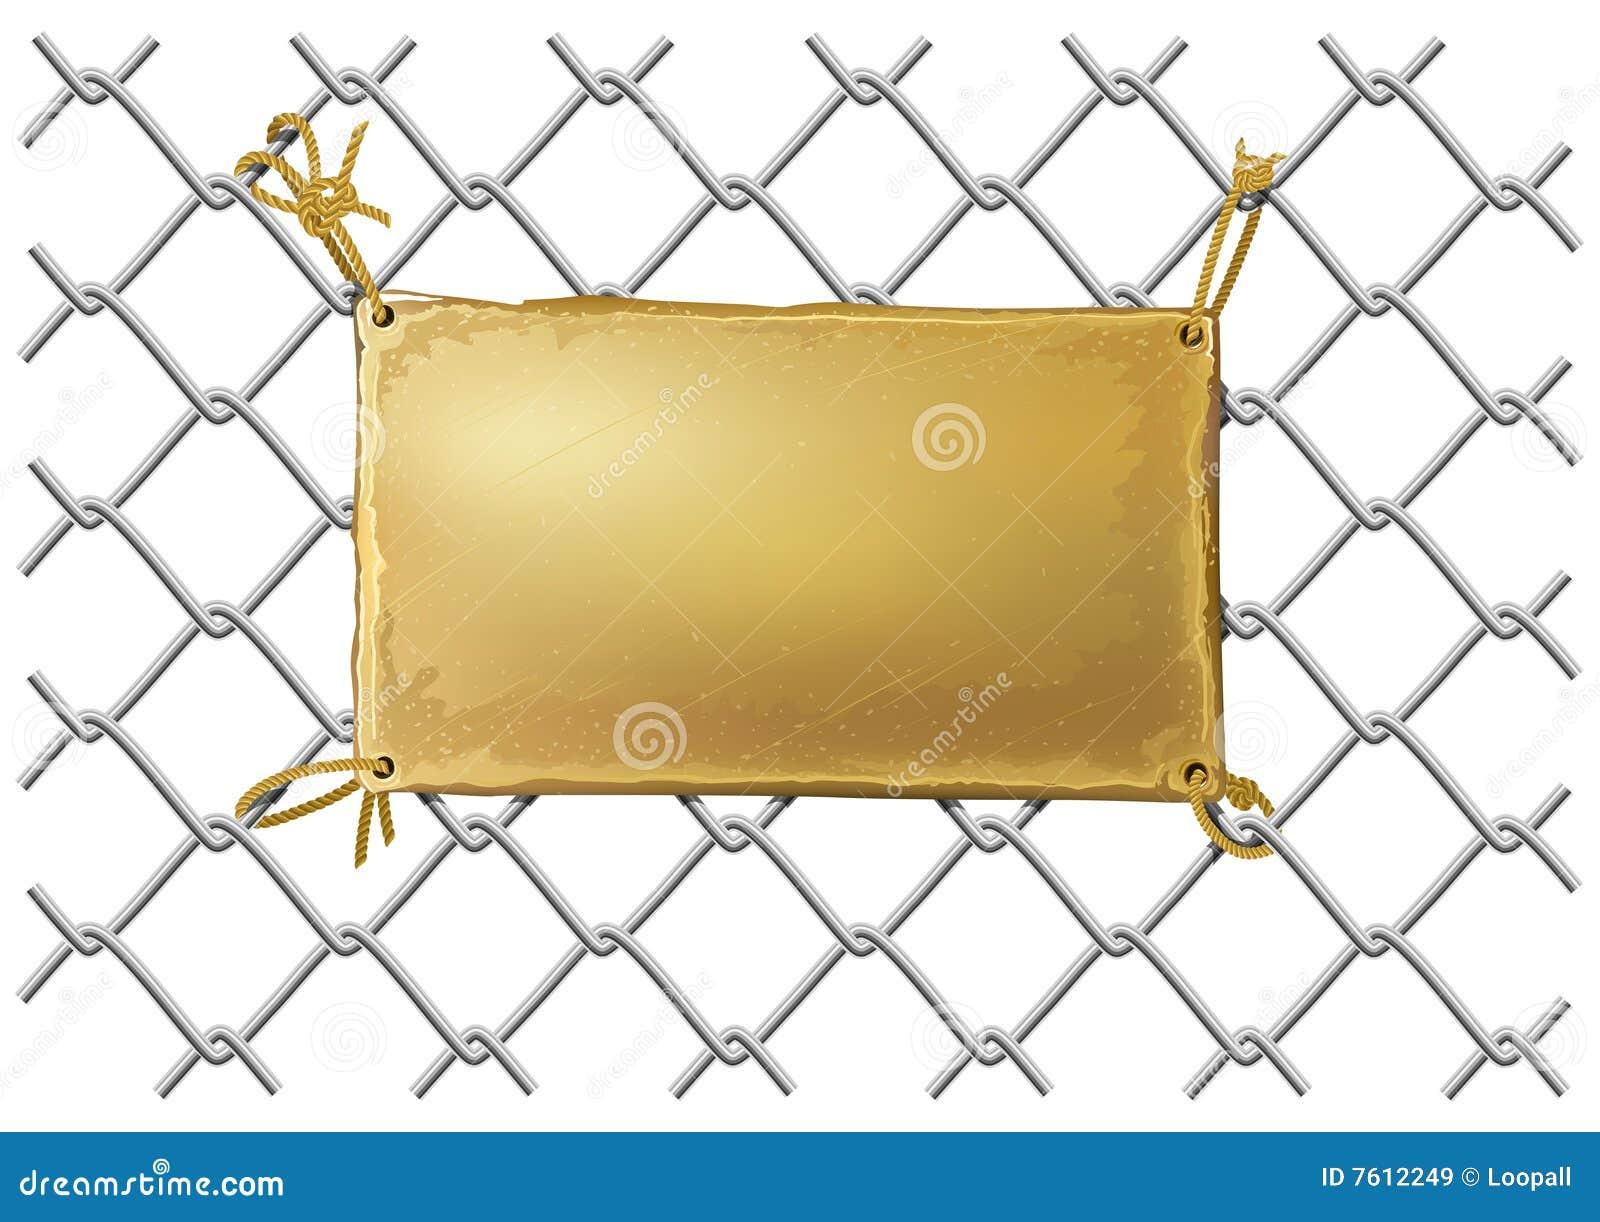 空白古铜色金属净额牌照电汇